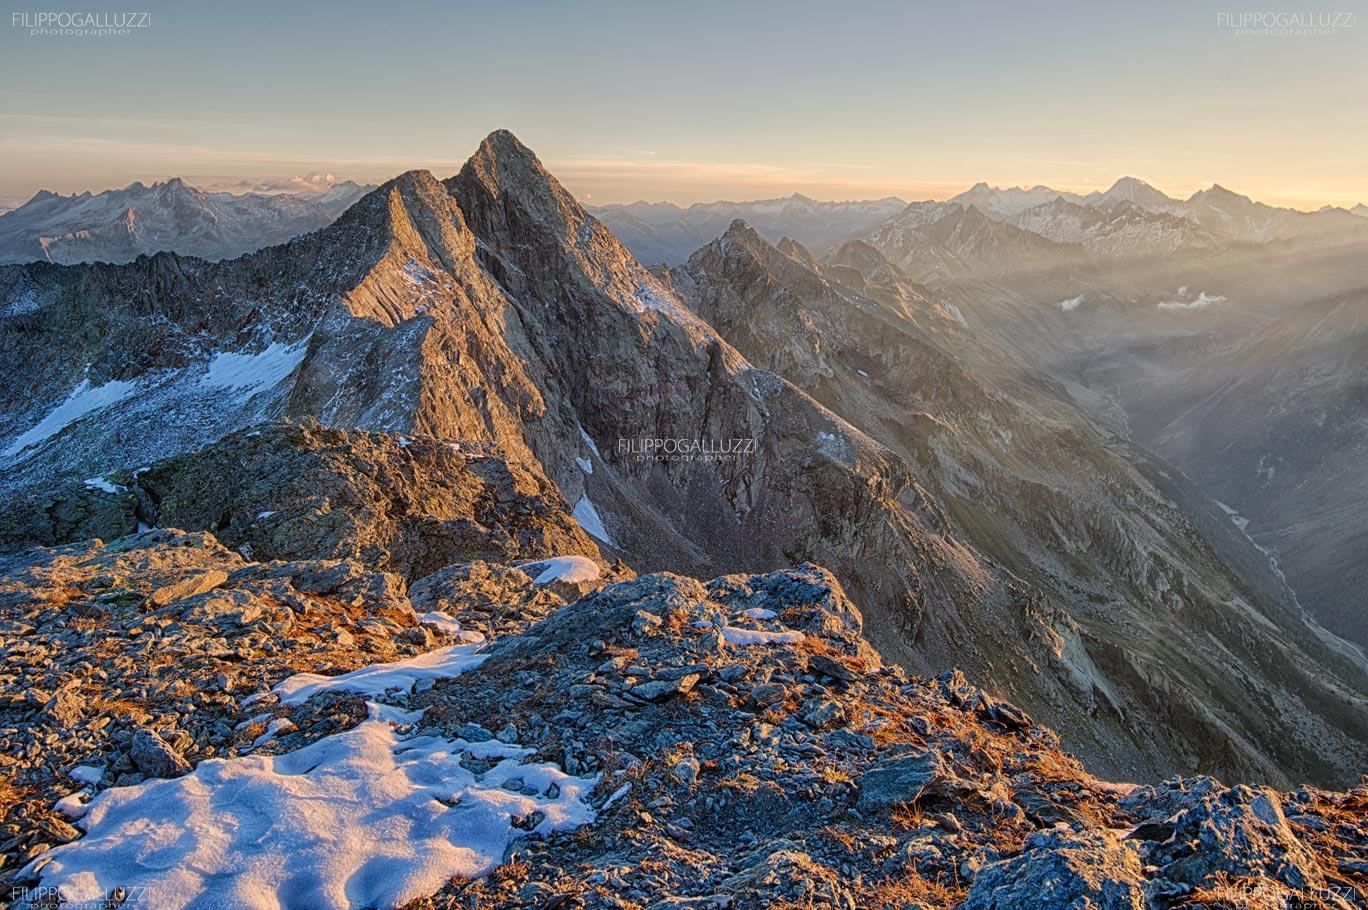 La cima dura, Tauferer Ahrntal, Sudtirol